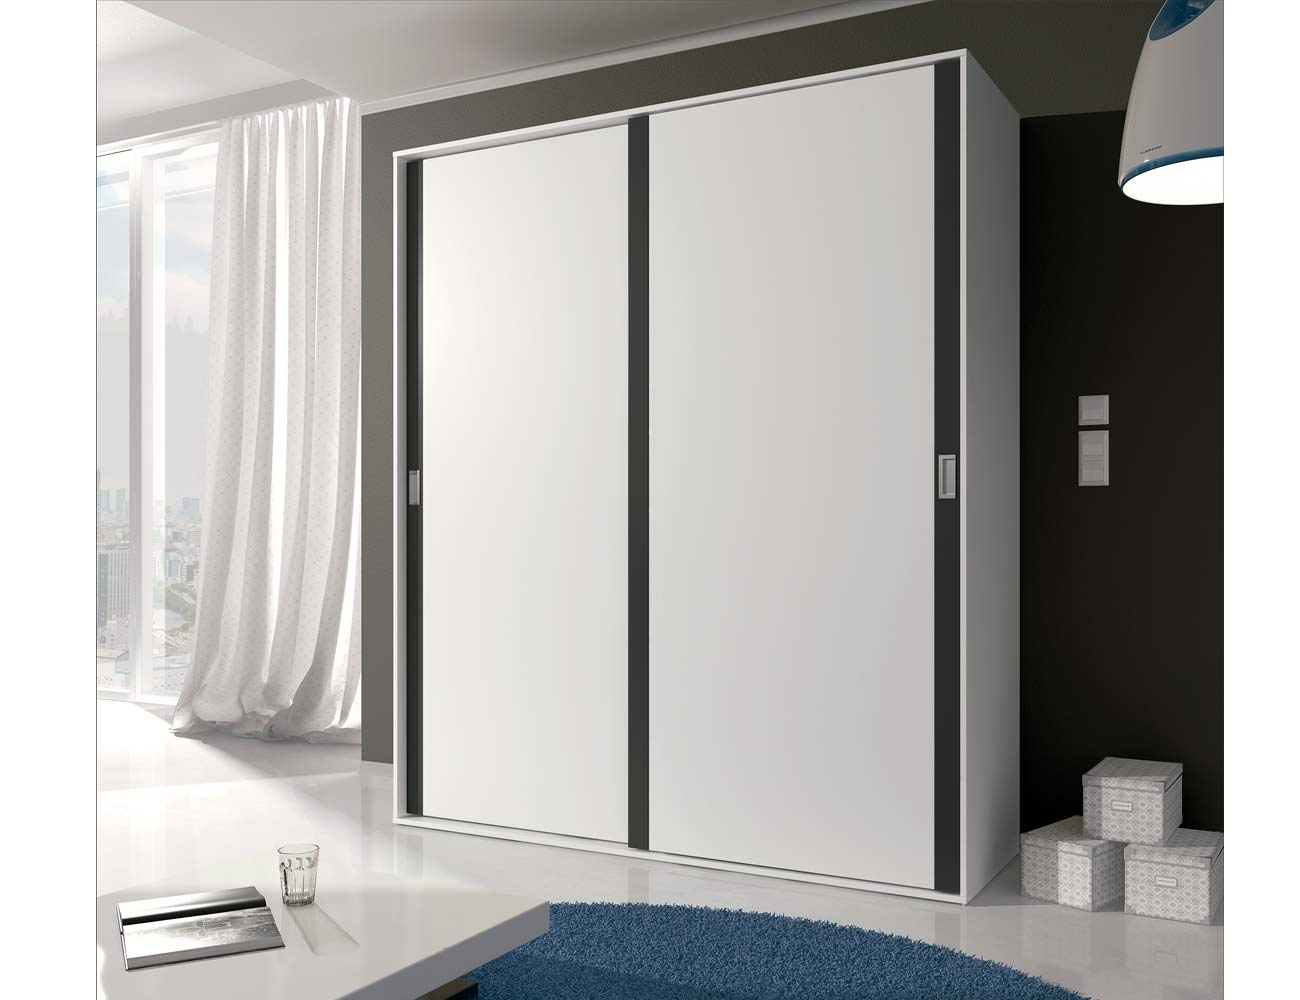 Detalle armario puertas correderas blanco grafito